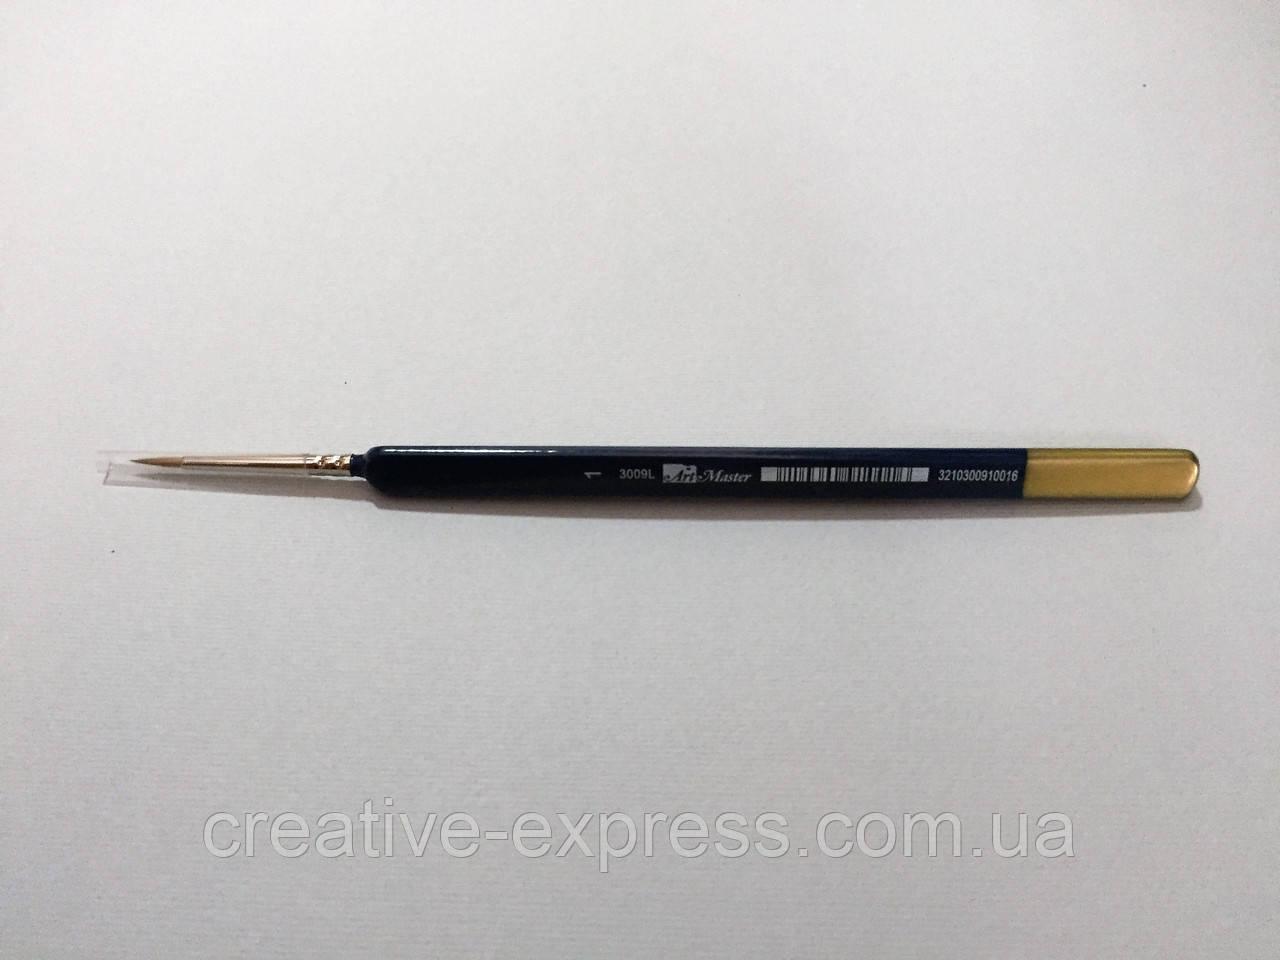 Колонок круглий, ART MASTER 3009L №1, к. р. пензель